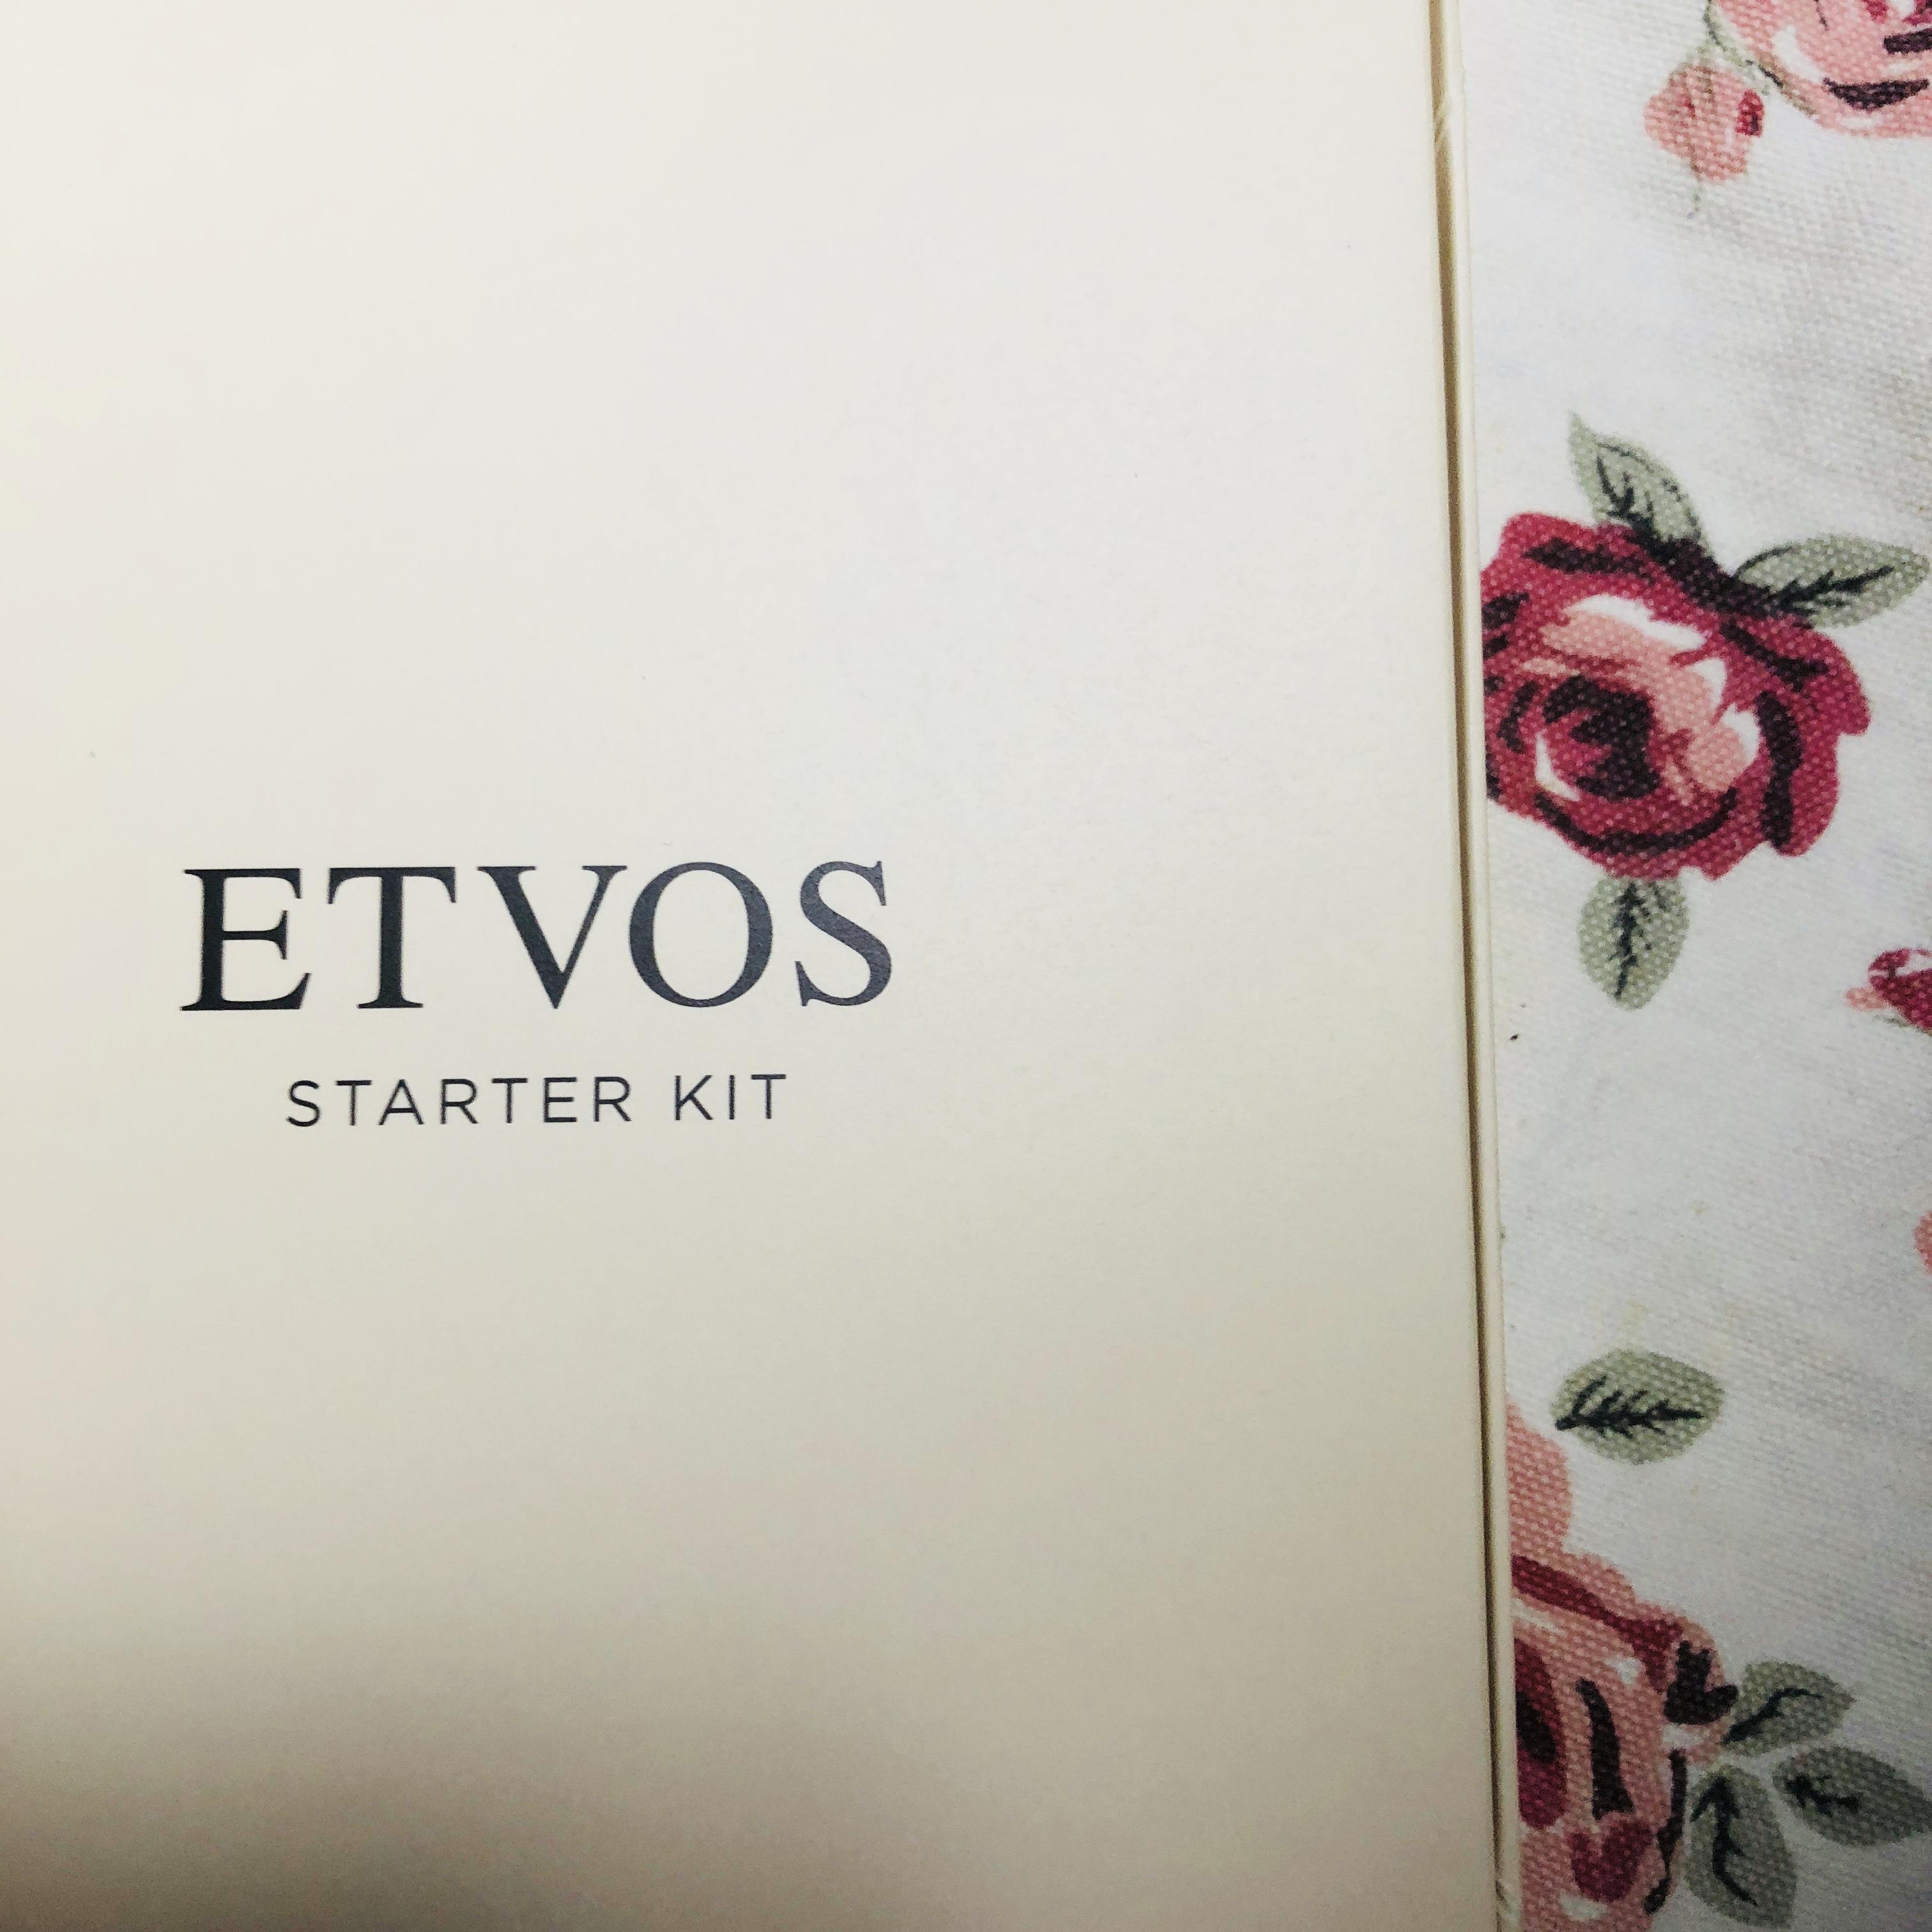 【ETVOS】のミネラルファンデが秀逸すぎる!!_1